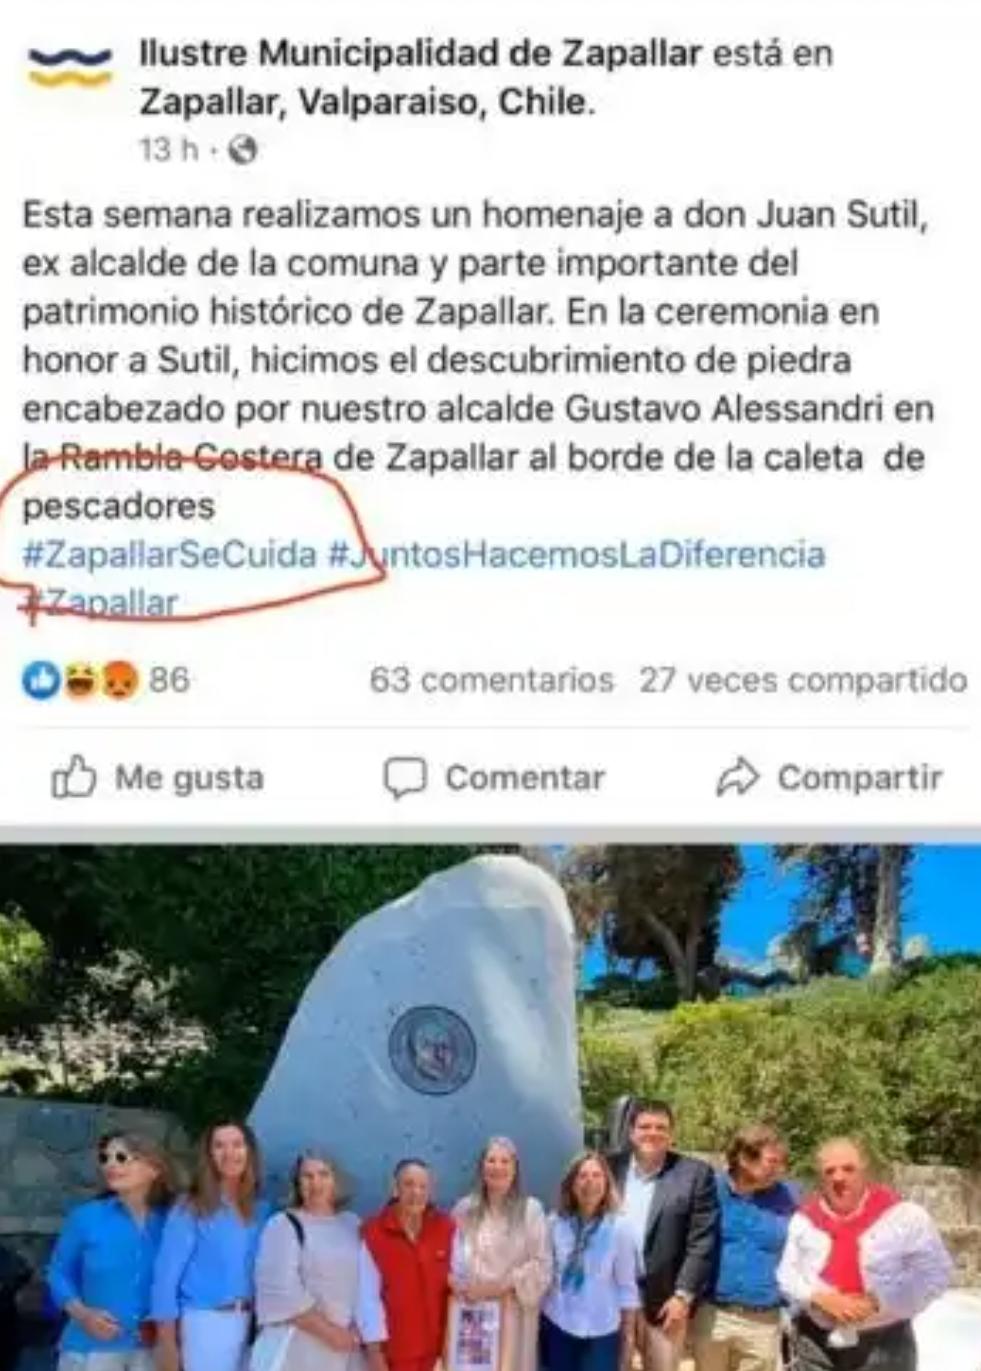 Noticias Chile | Denuncian al alcalde de Zapallar por no usar mascarilla en actividad pública